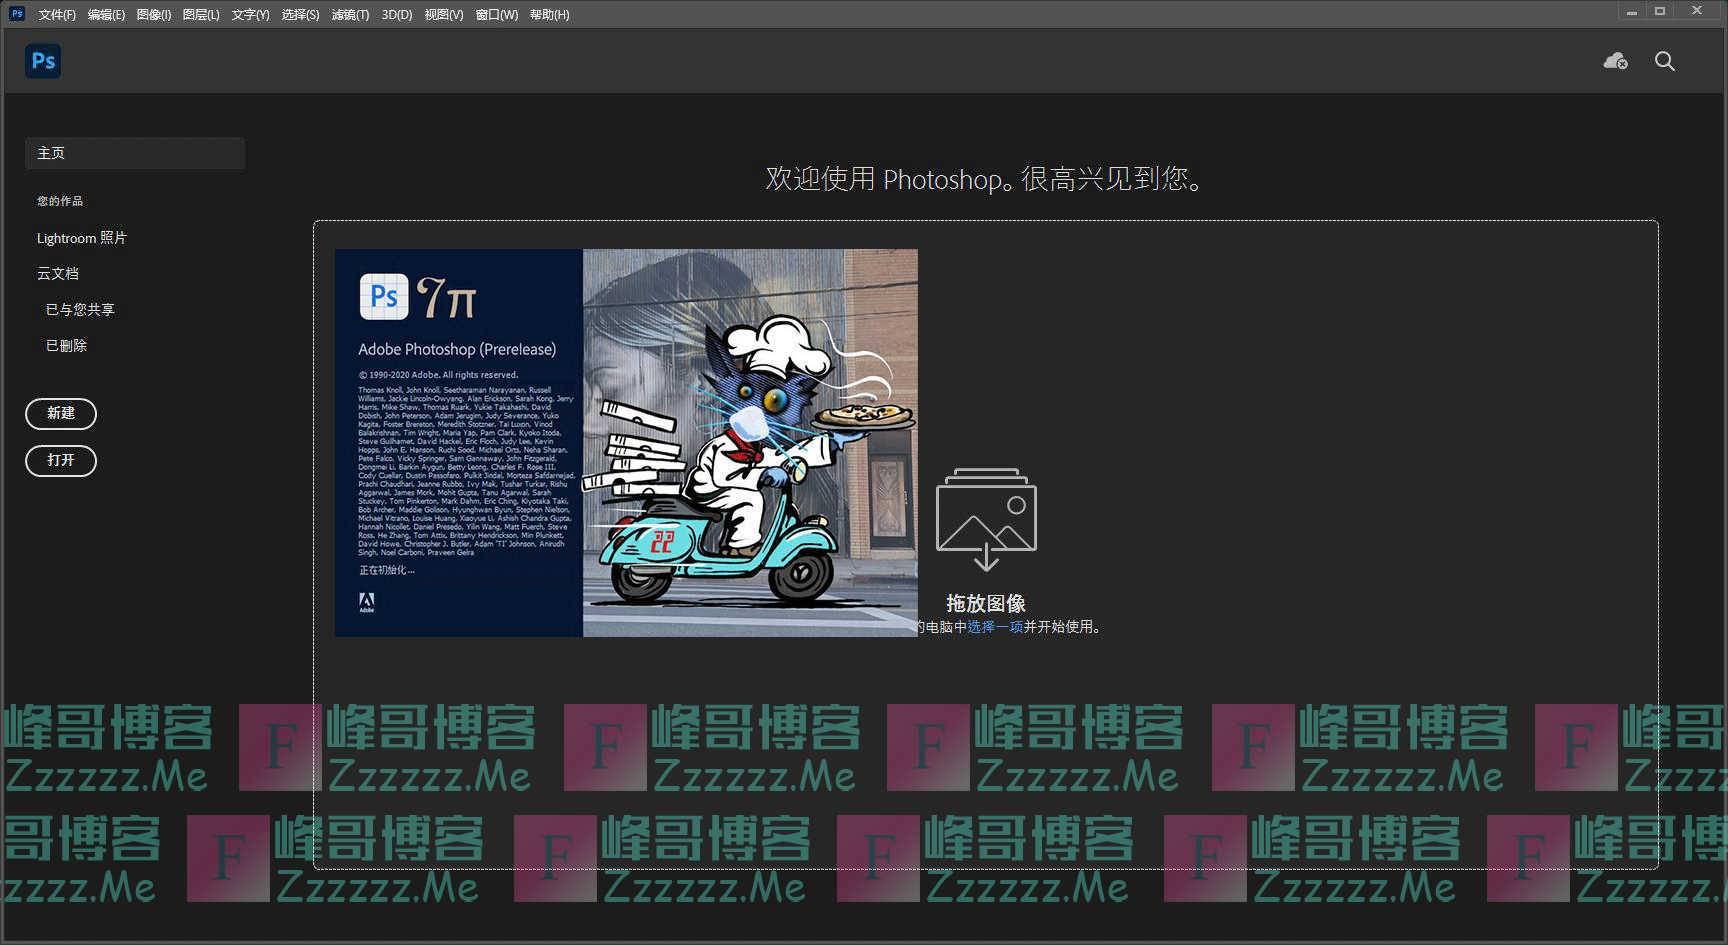 Photoshop 2021 Photoshop2021免激活破解版下载 安装后无需激活直接使用!